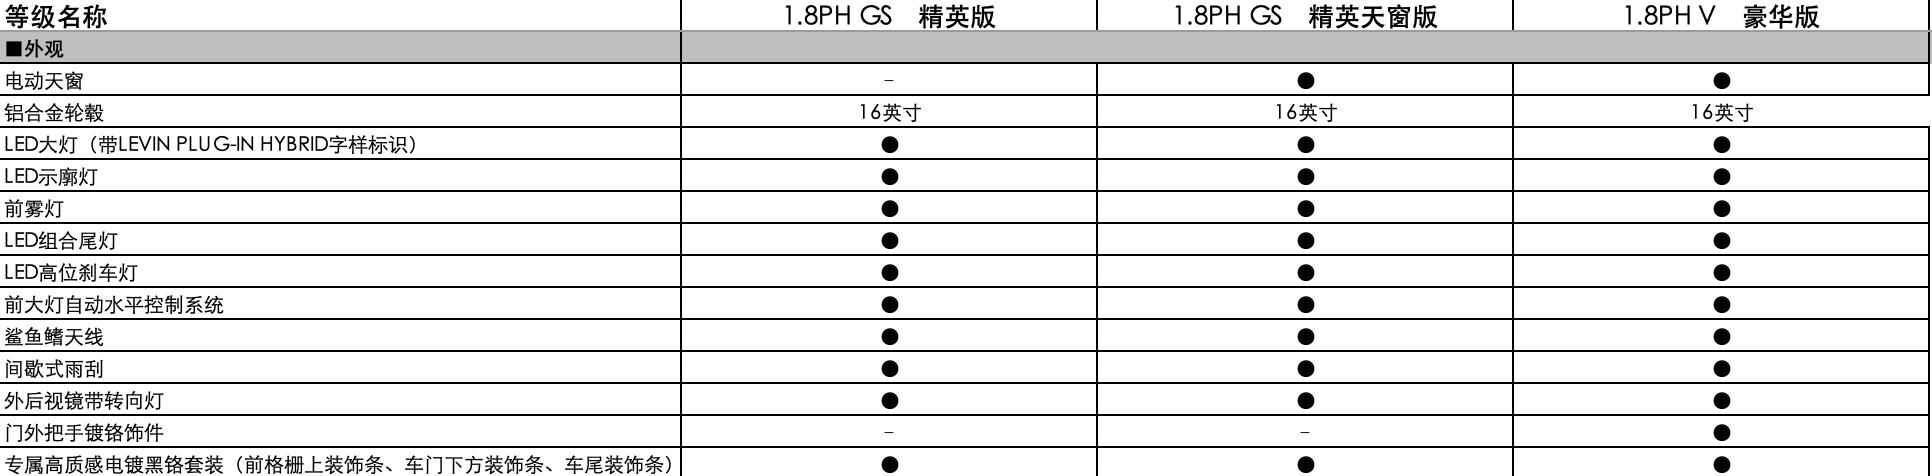 曝广汽丰田雷凌双擎E+配置信息 有望3月份上市